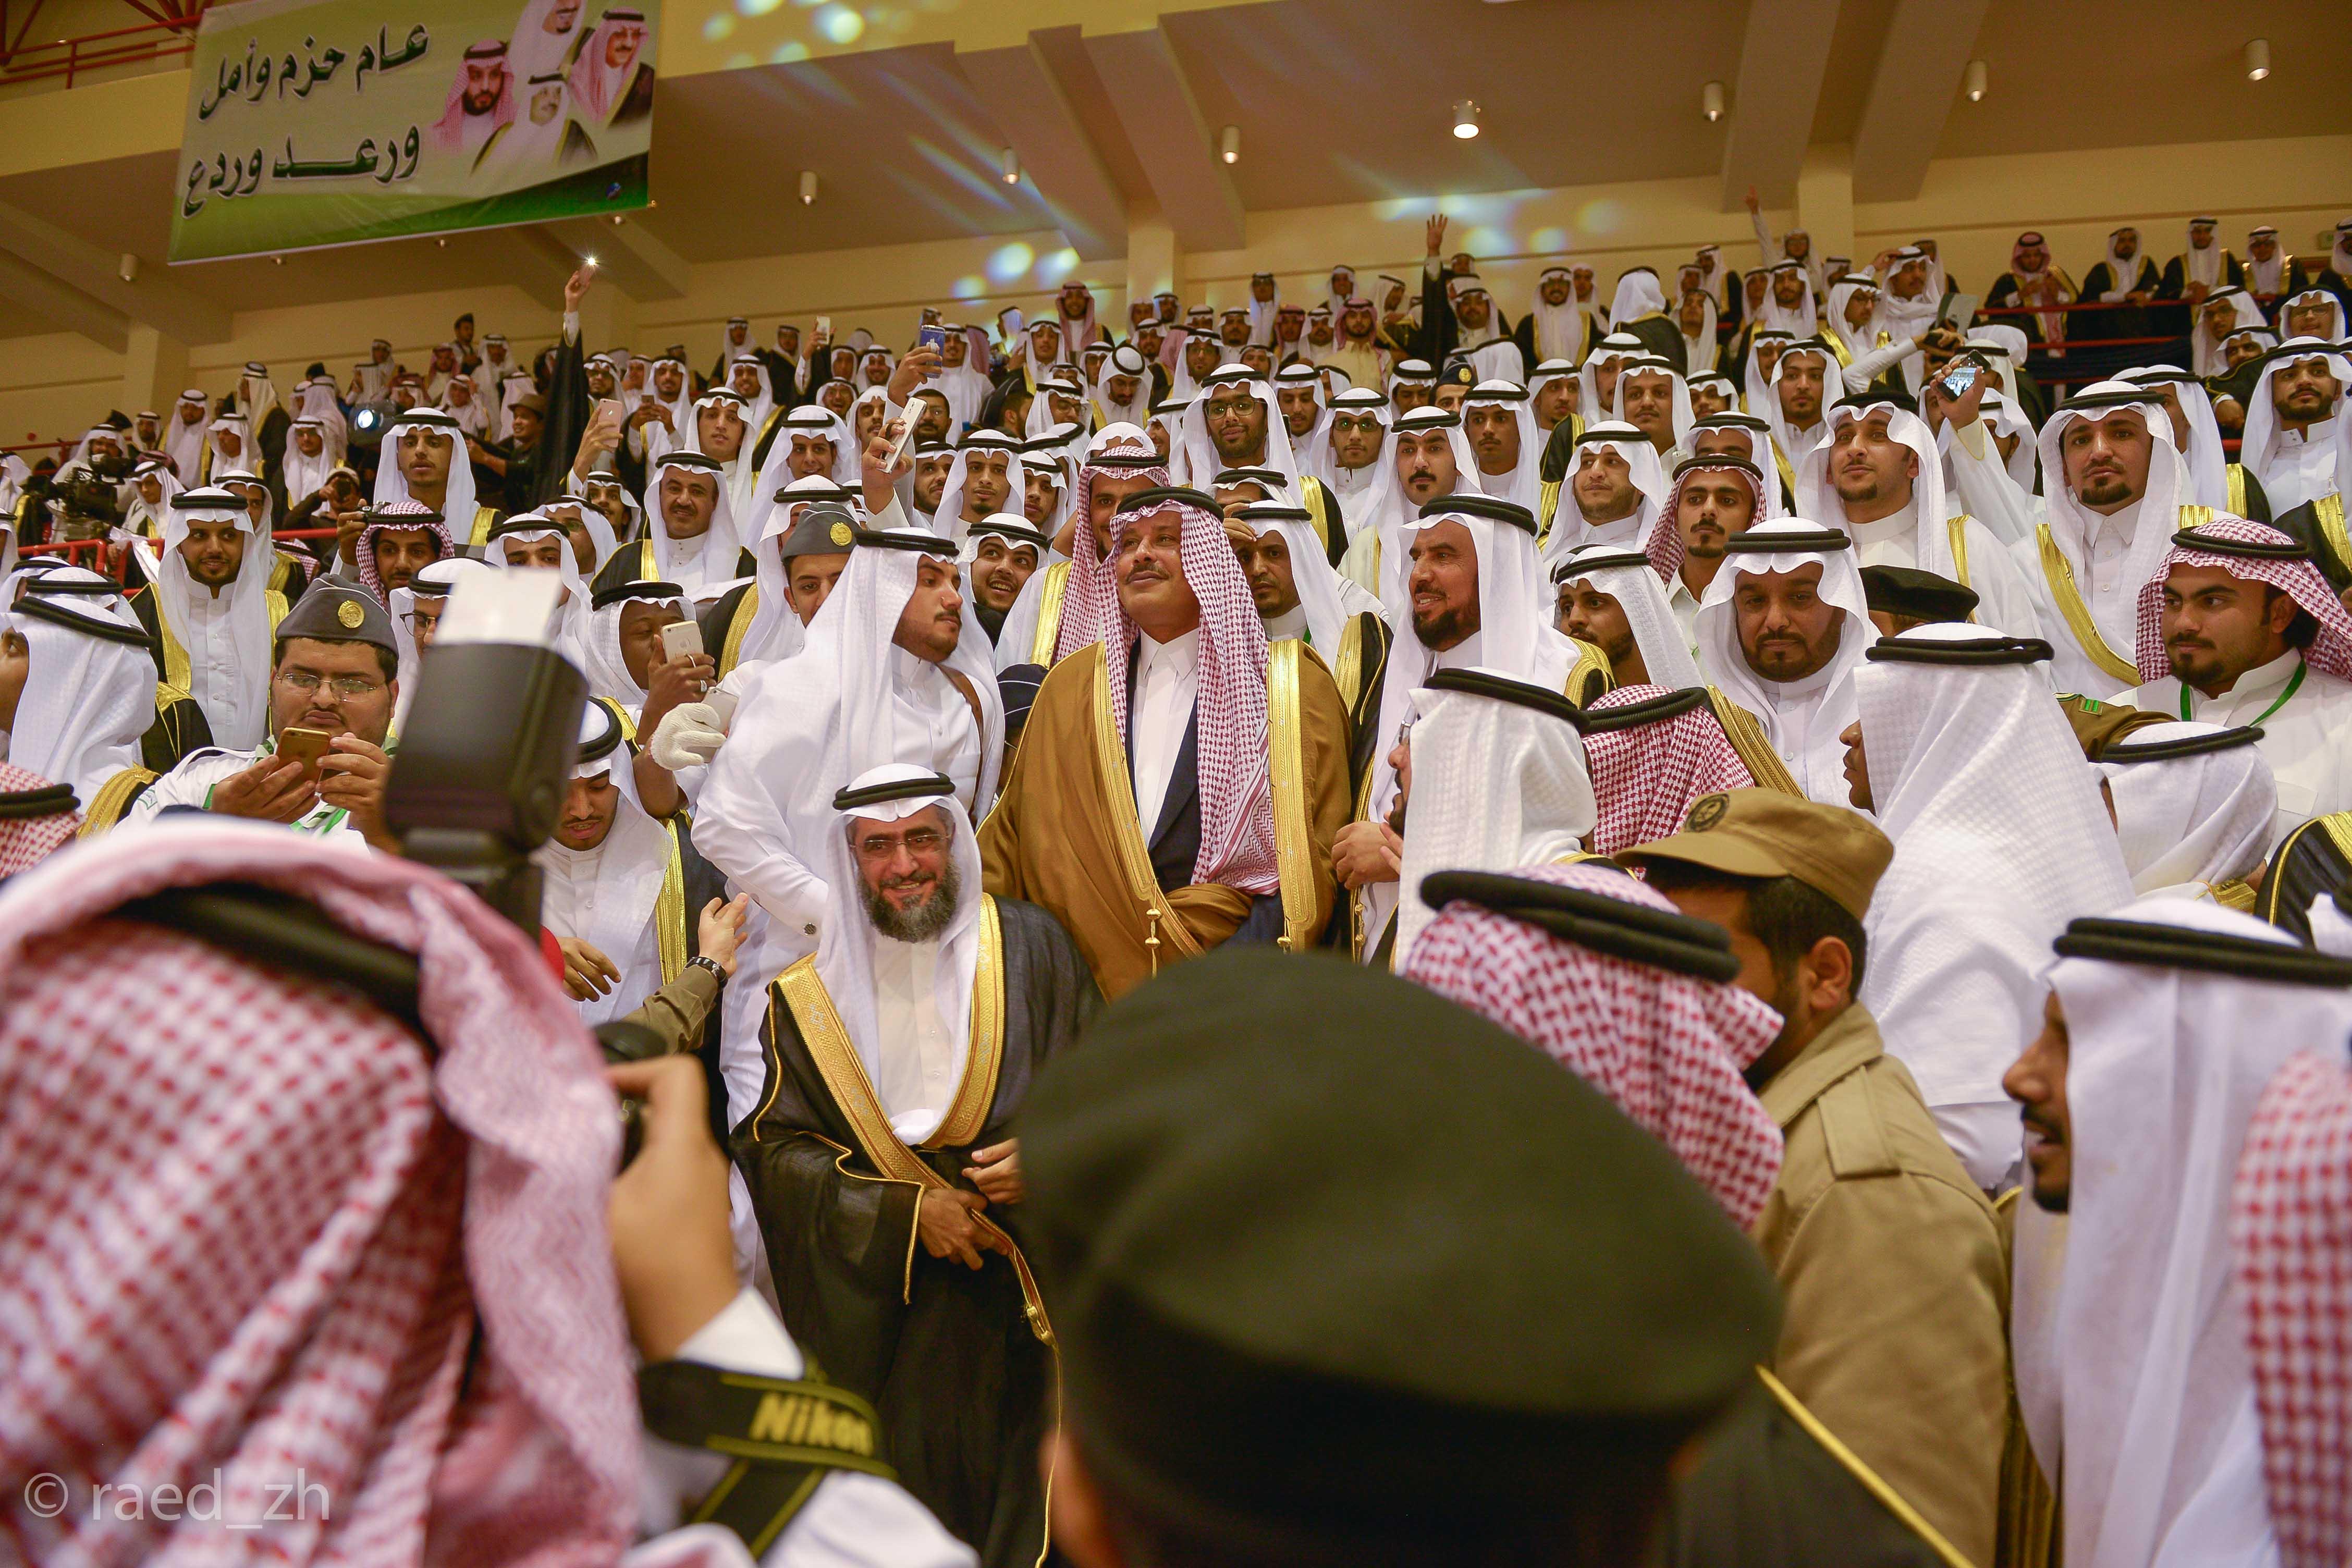 امير الباحة يرعى تخريج الدفعة العاشرة من طلاب وطالبات جامعة الباحة (29)